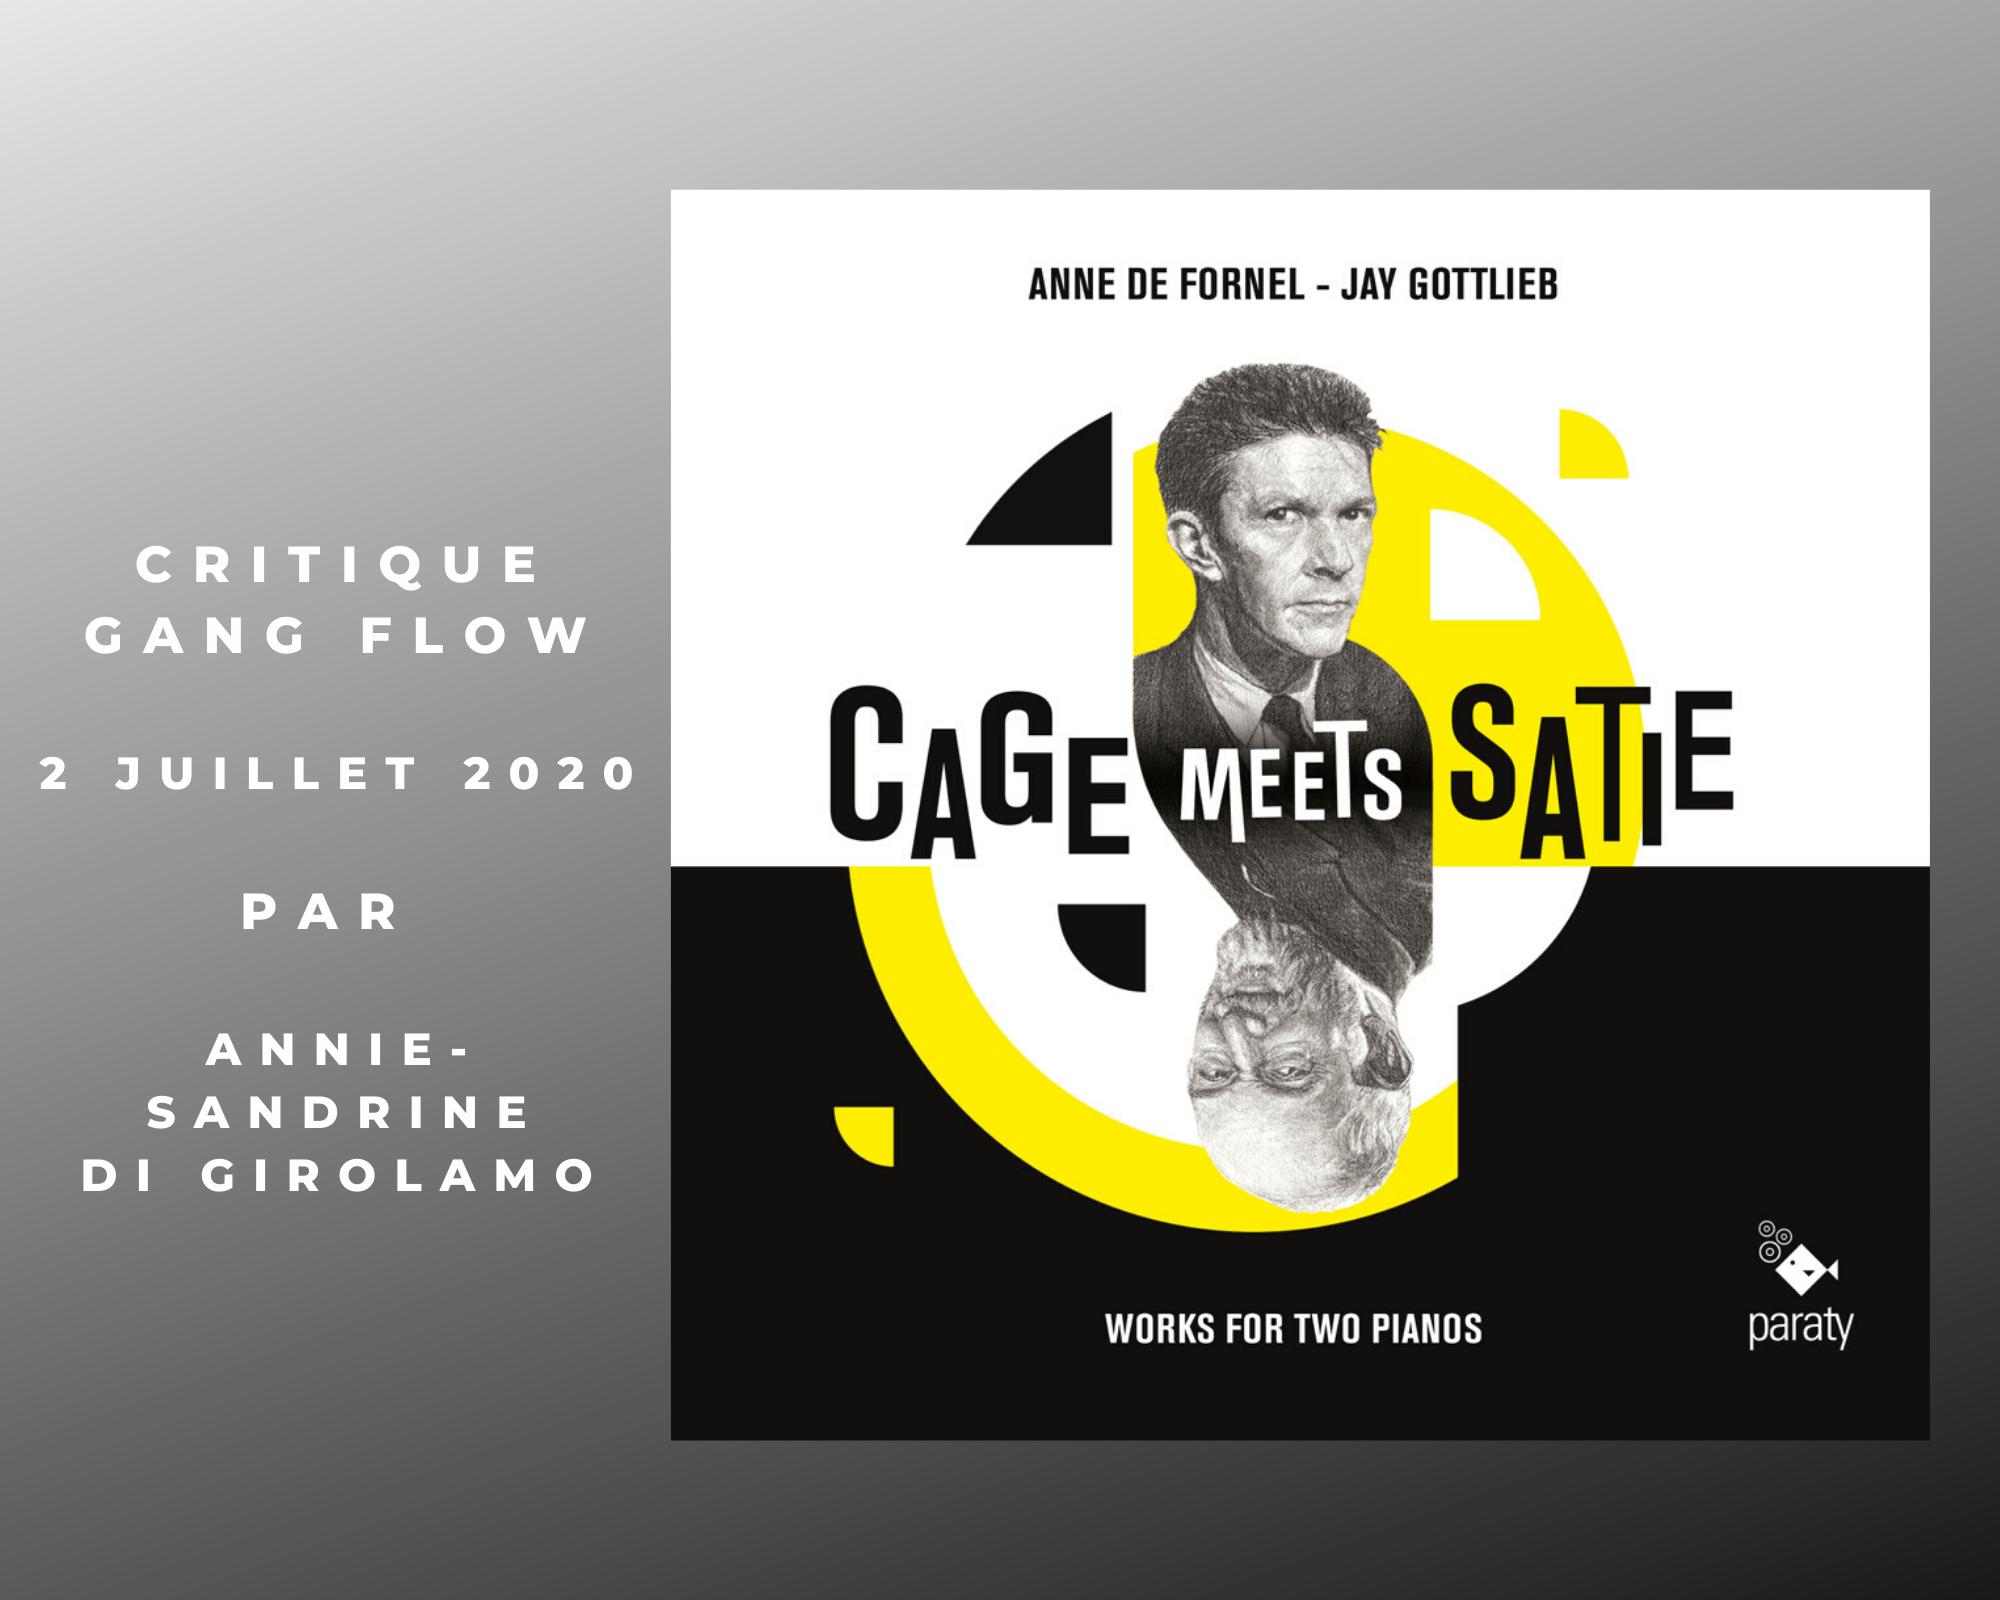 Cage satie juillet